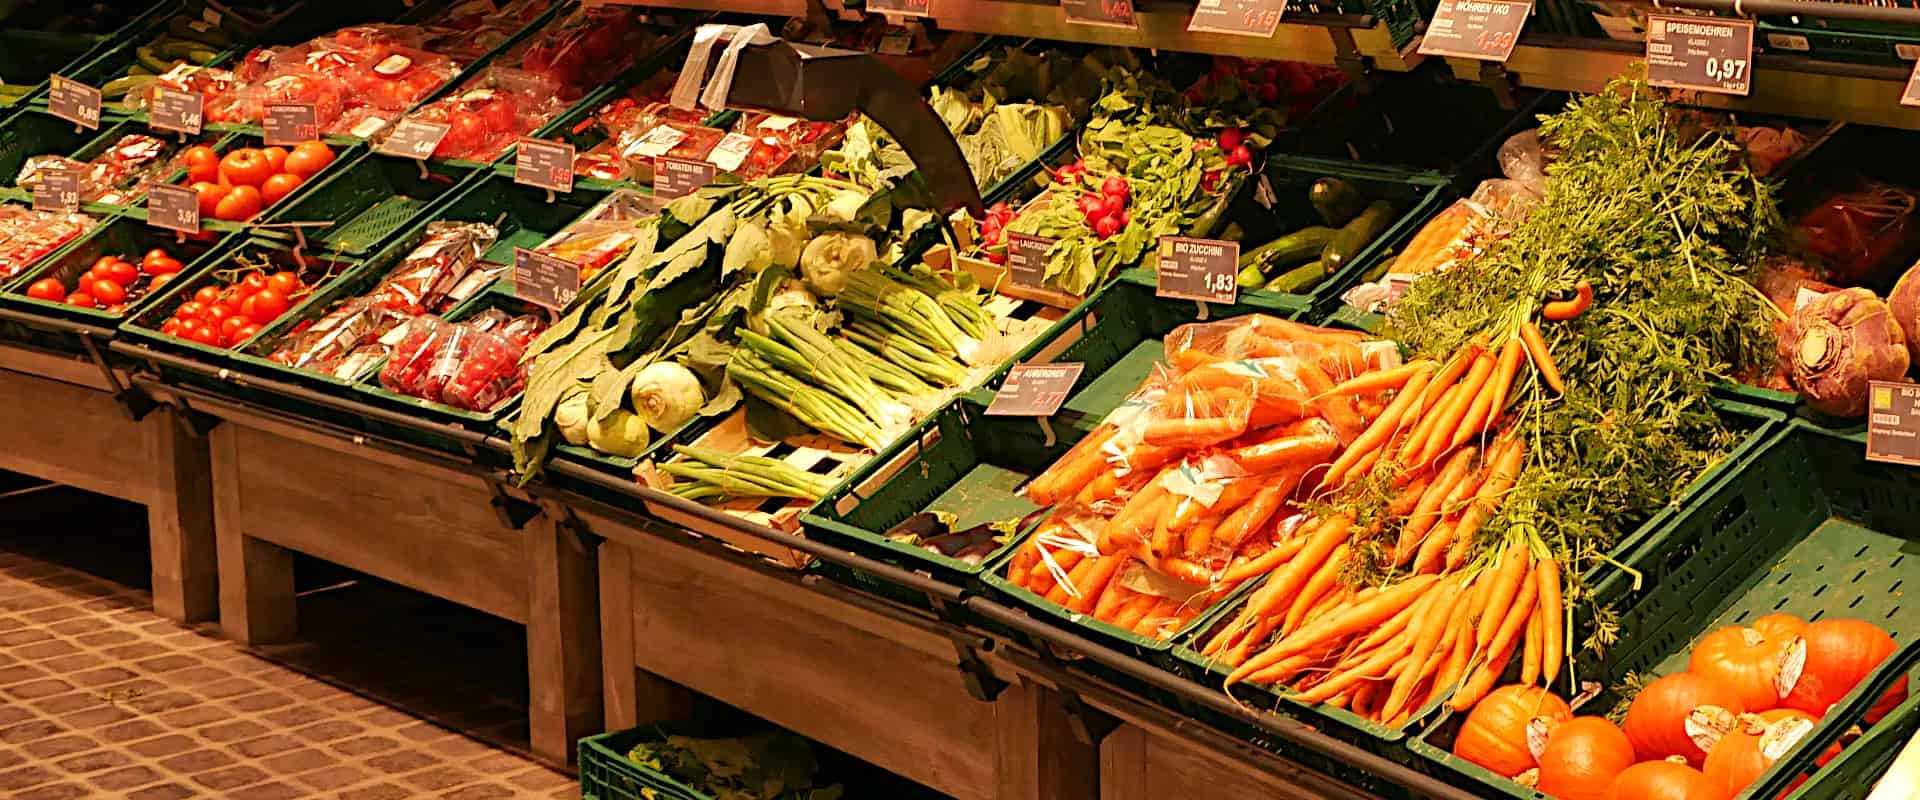 Lagerverwaltung für Lebensmittelproduzenten und Lebensmittelhändler